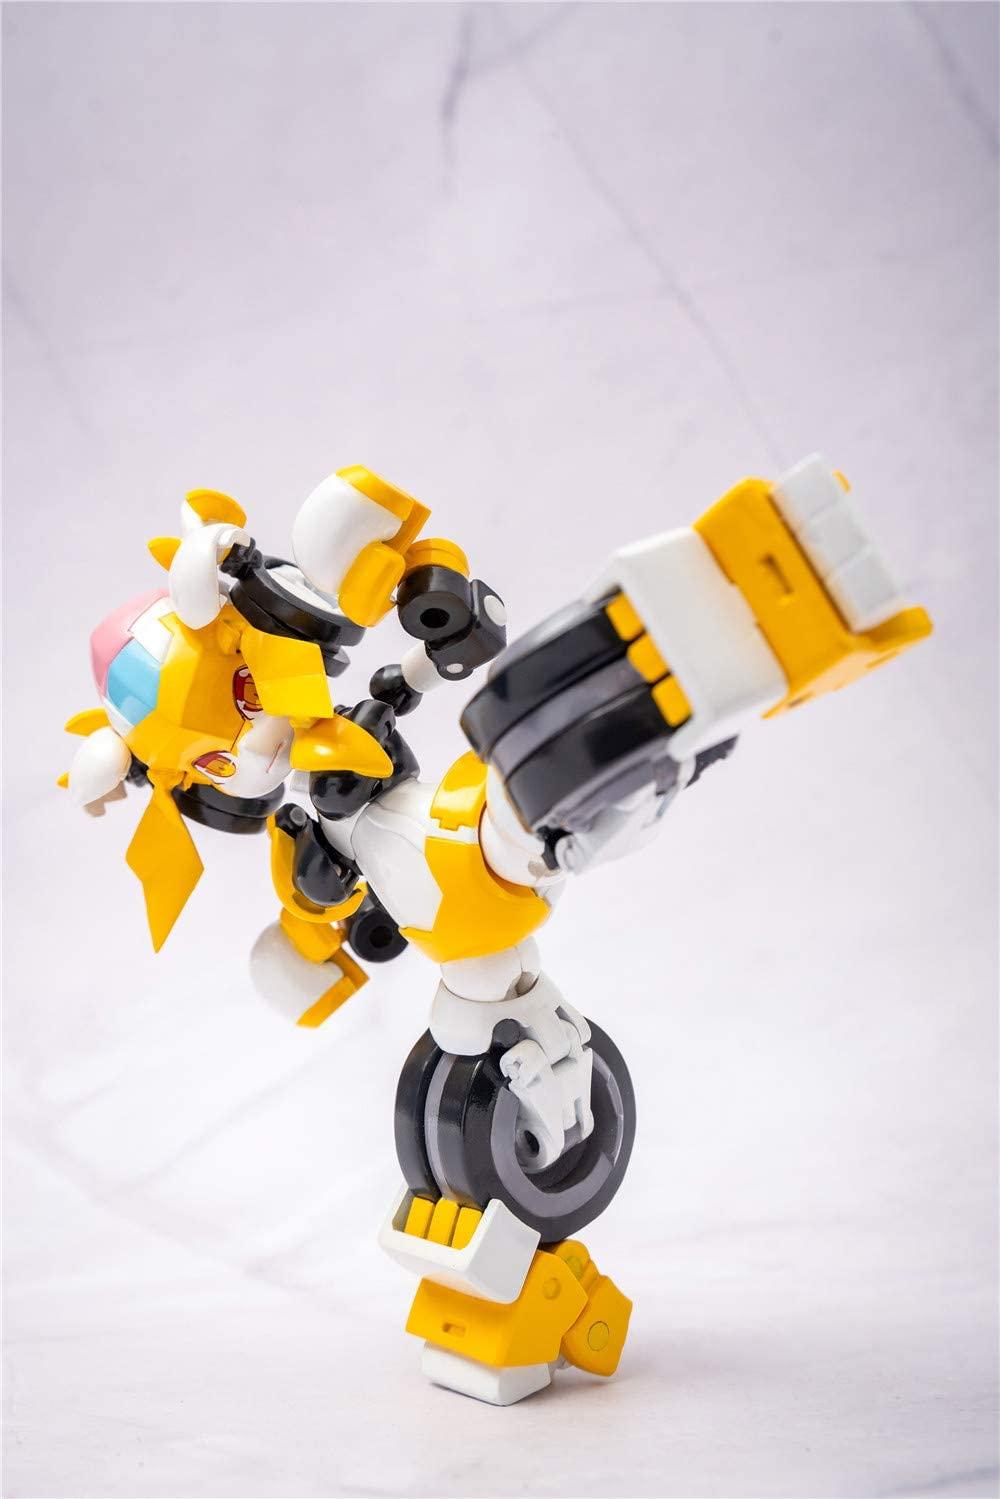 魔姫変形シリーズ『疾速紅音(スカーレットソニック)』可変可動フィギュア-008